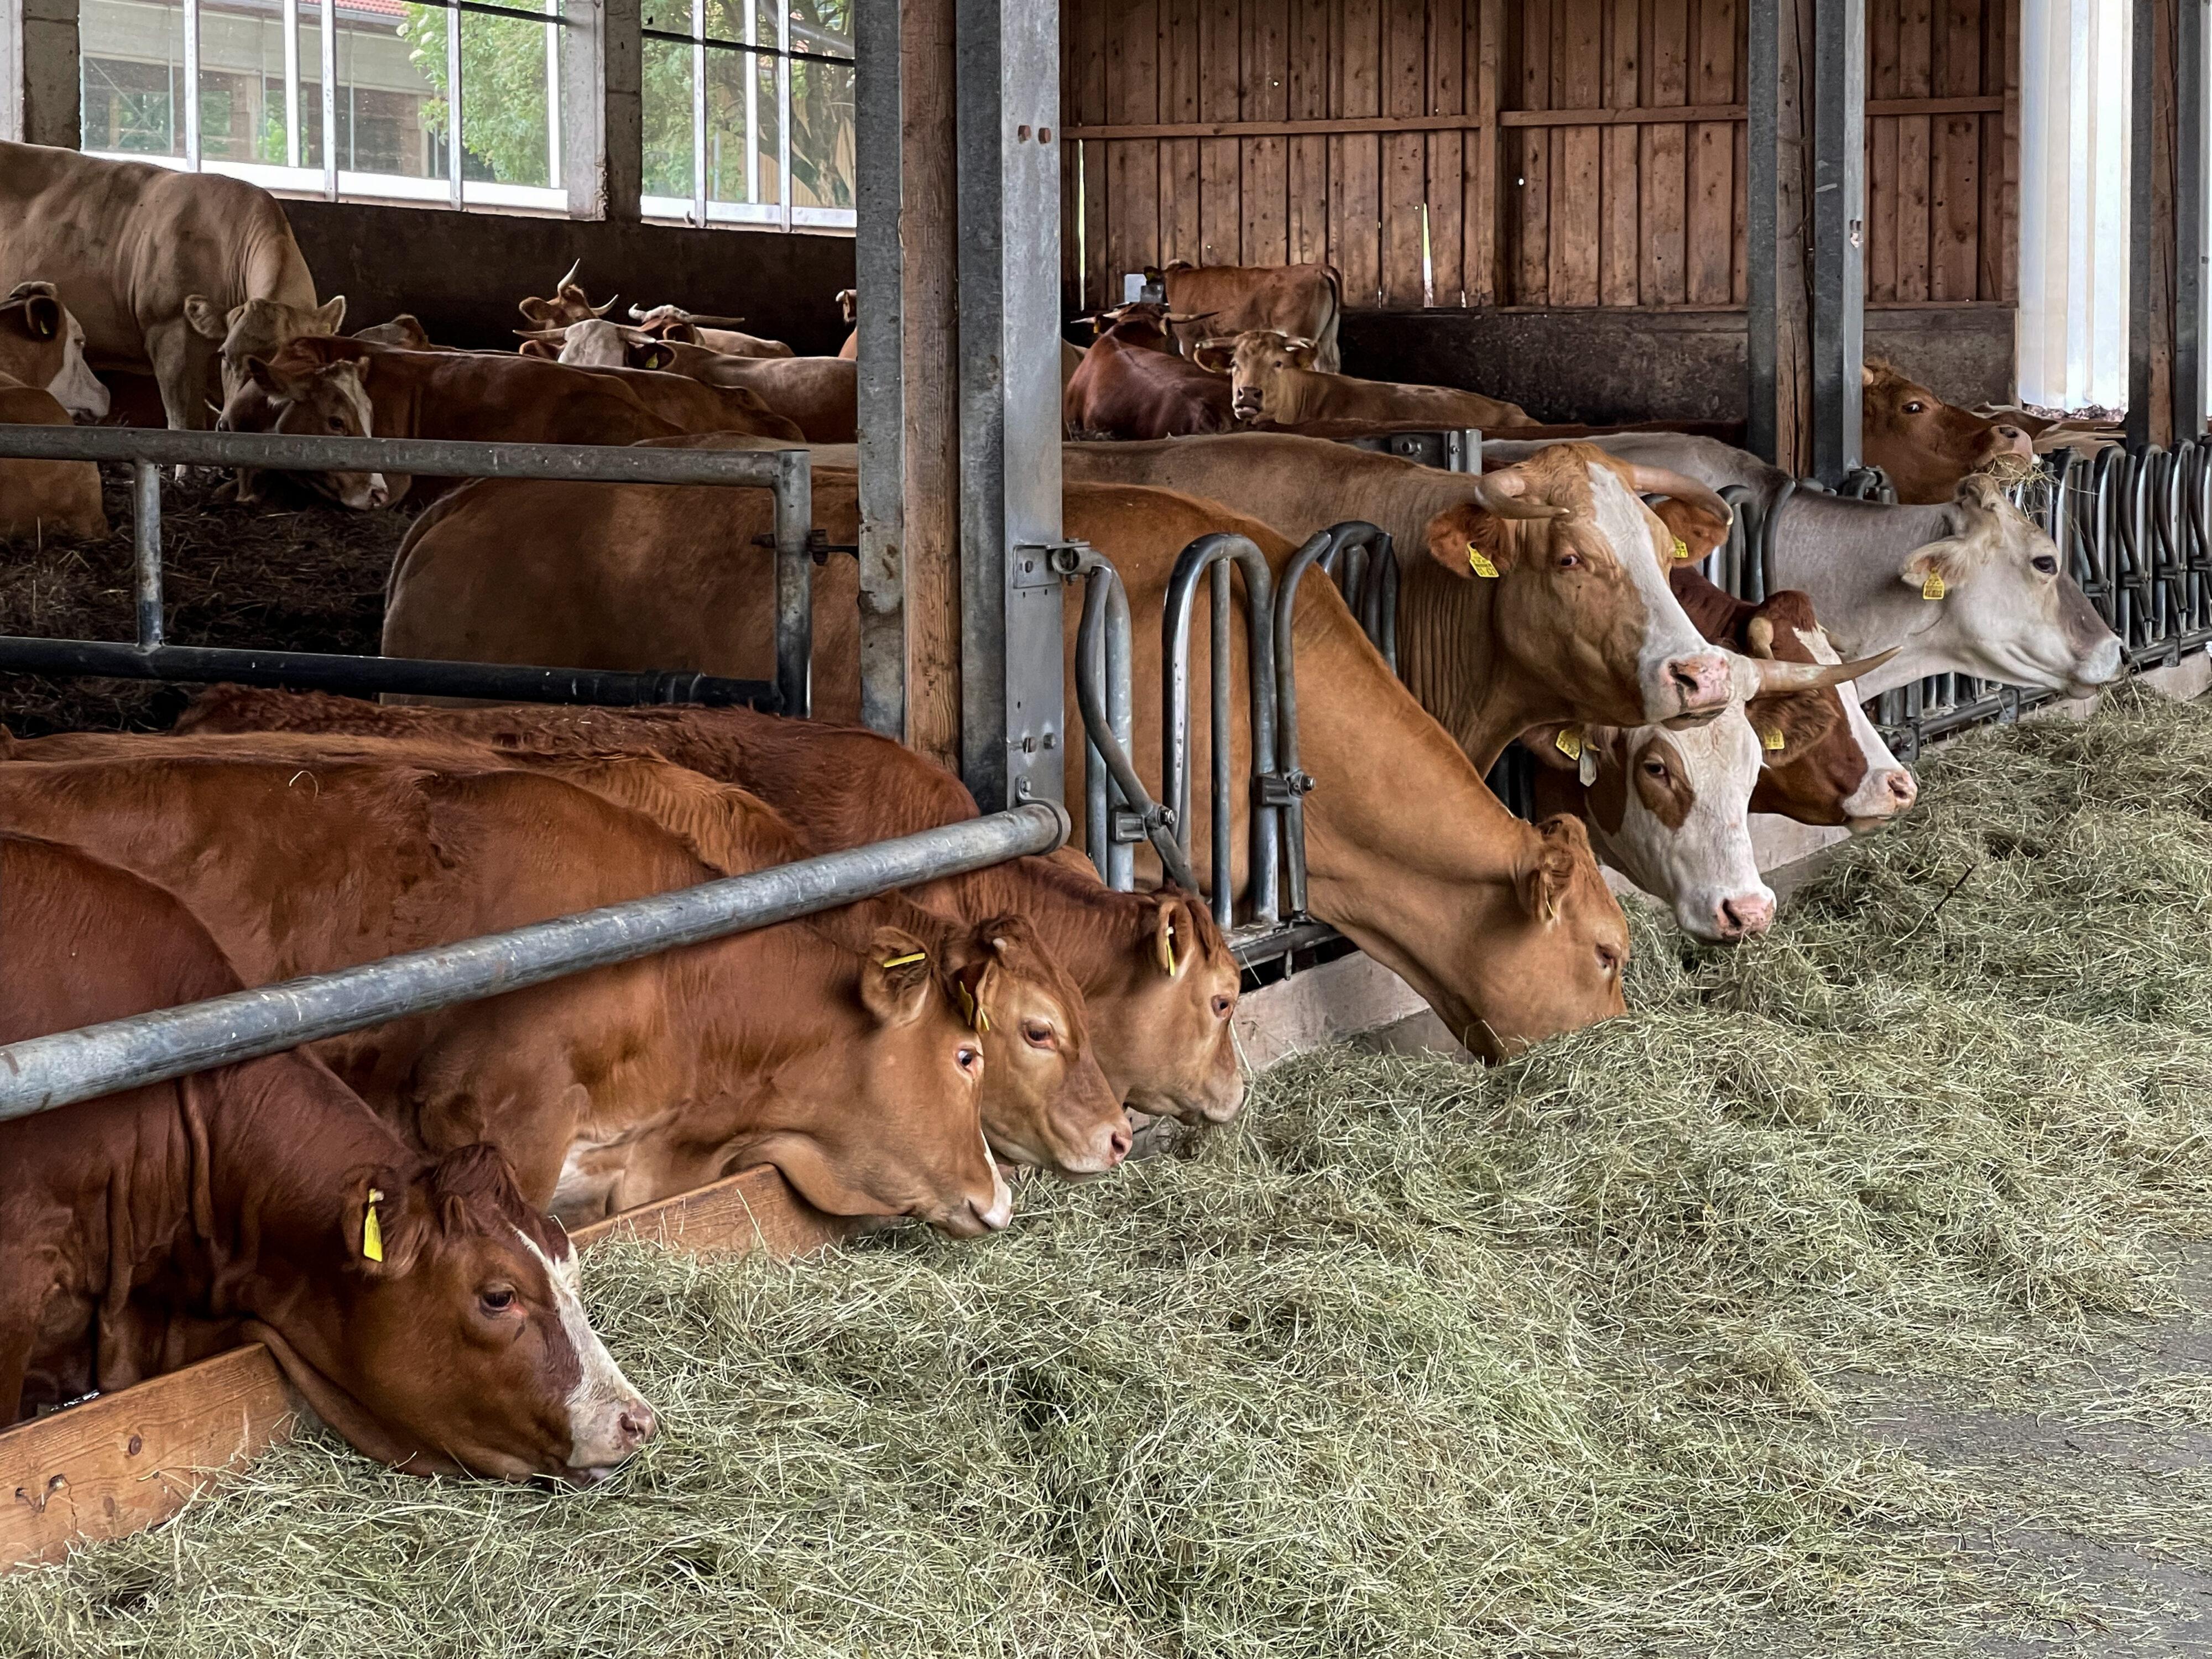 Tierwohl bei Mutterkuhhaltung auf dem Erharthof: Kälber und Kühe sind getrennt